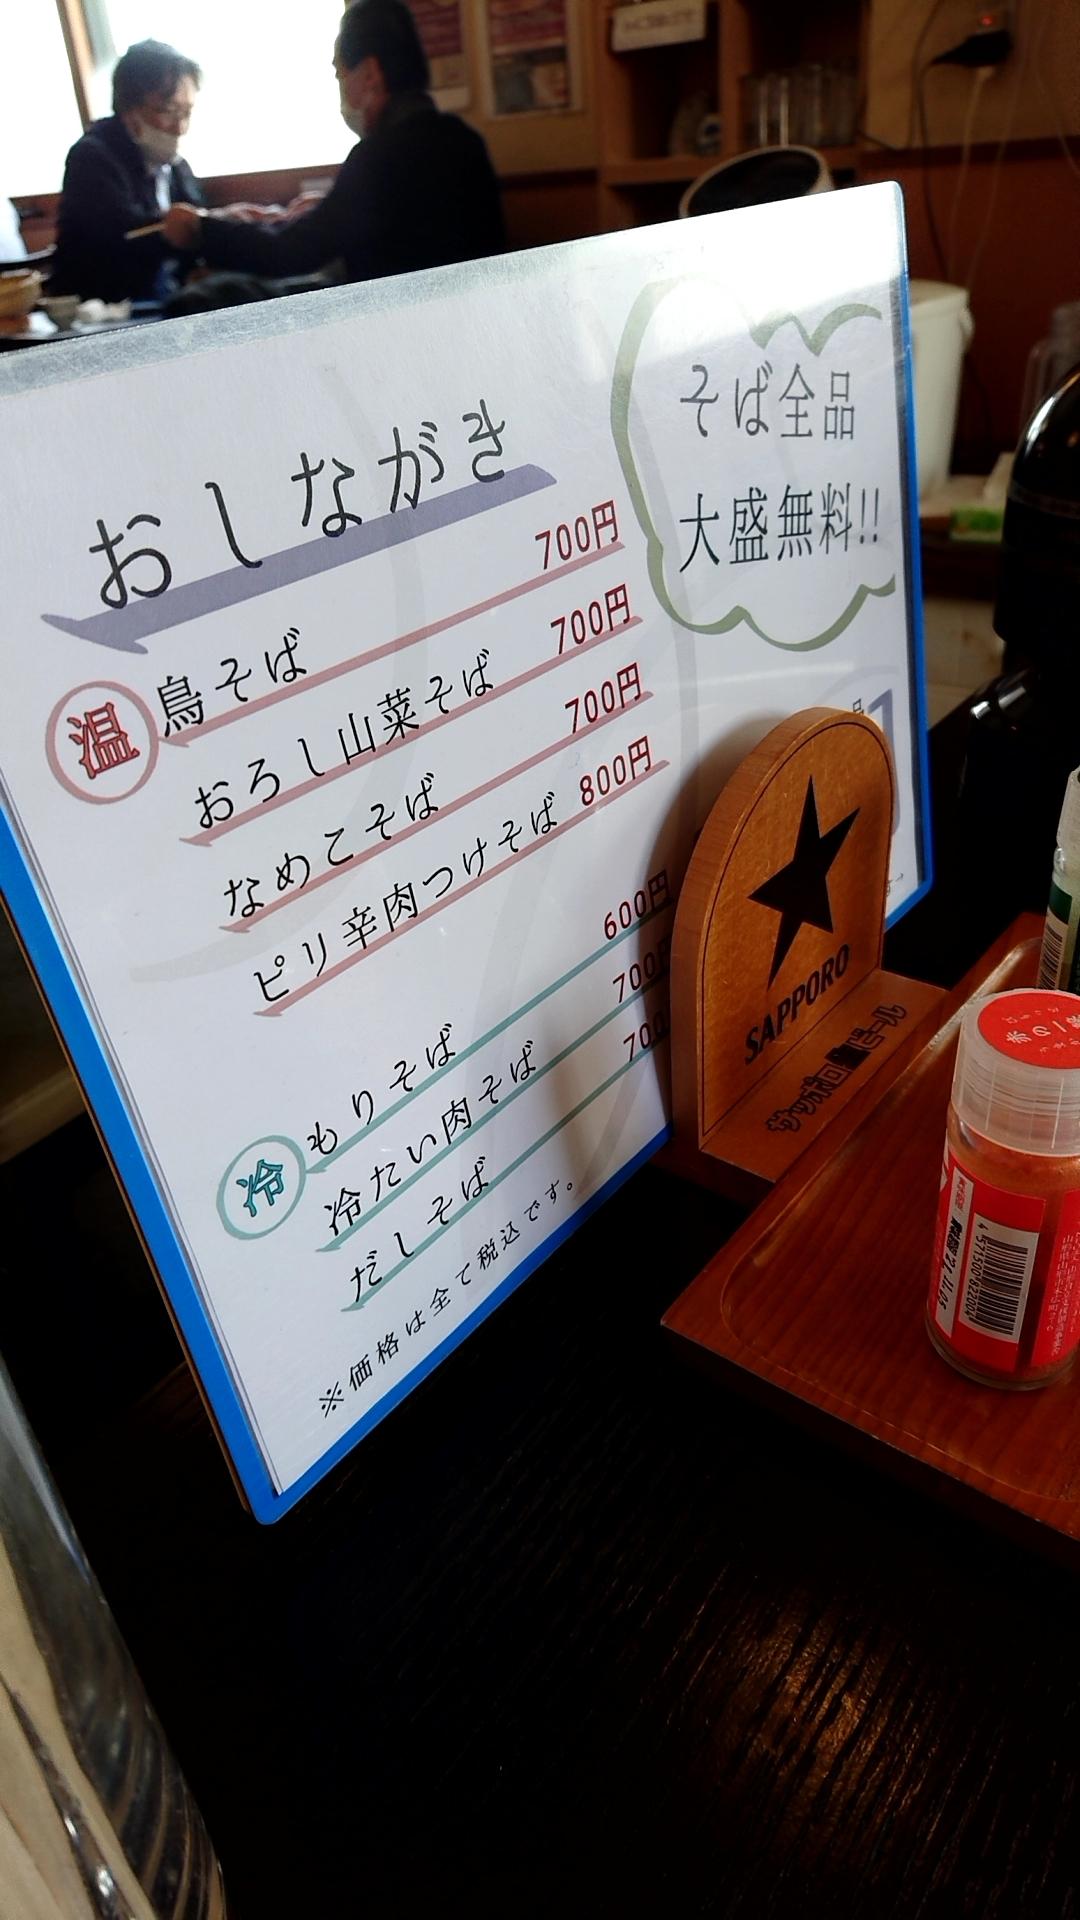 サンクスコンサート2021@天童市市民文化会館 終演♪ : 笛吹きの雑記帳